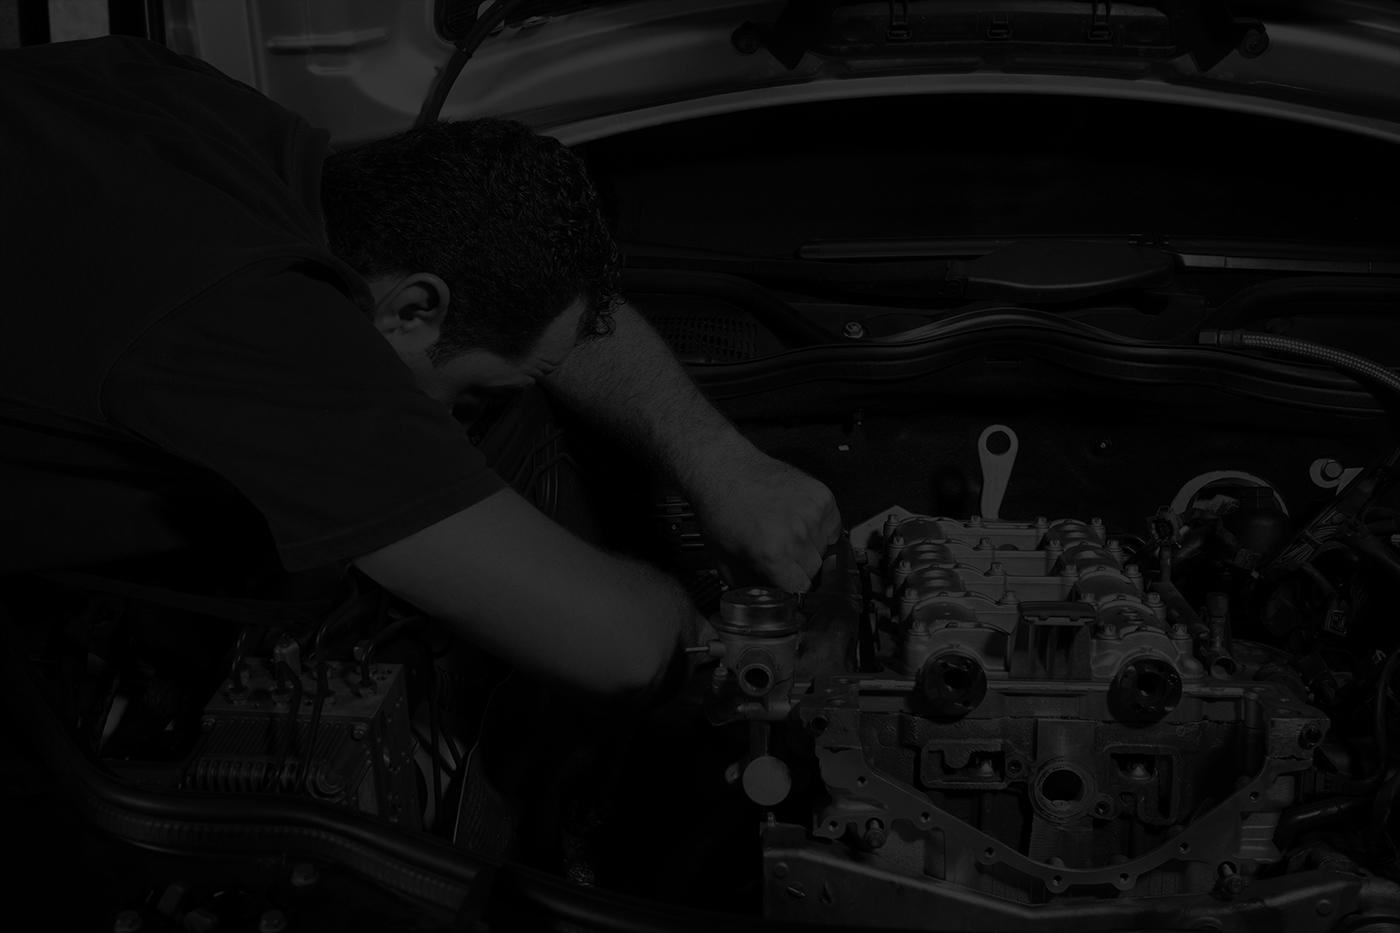 témoin d'anomalie du moteur